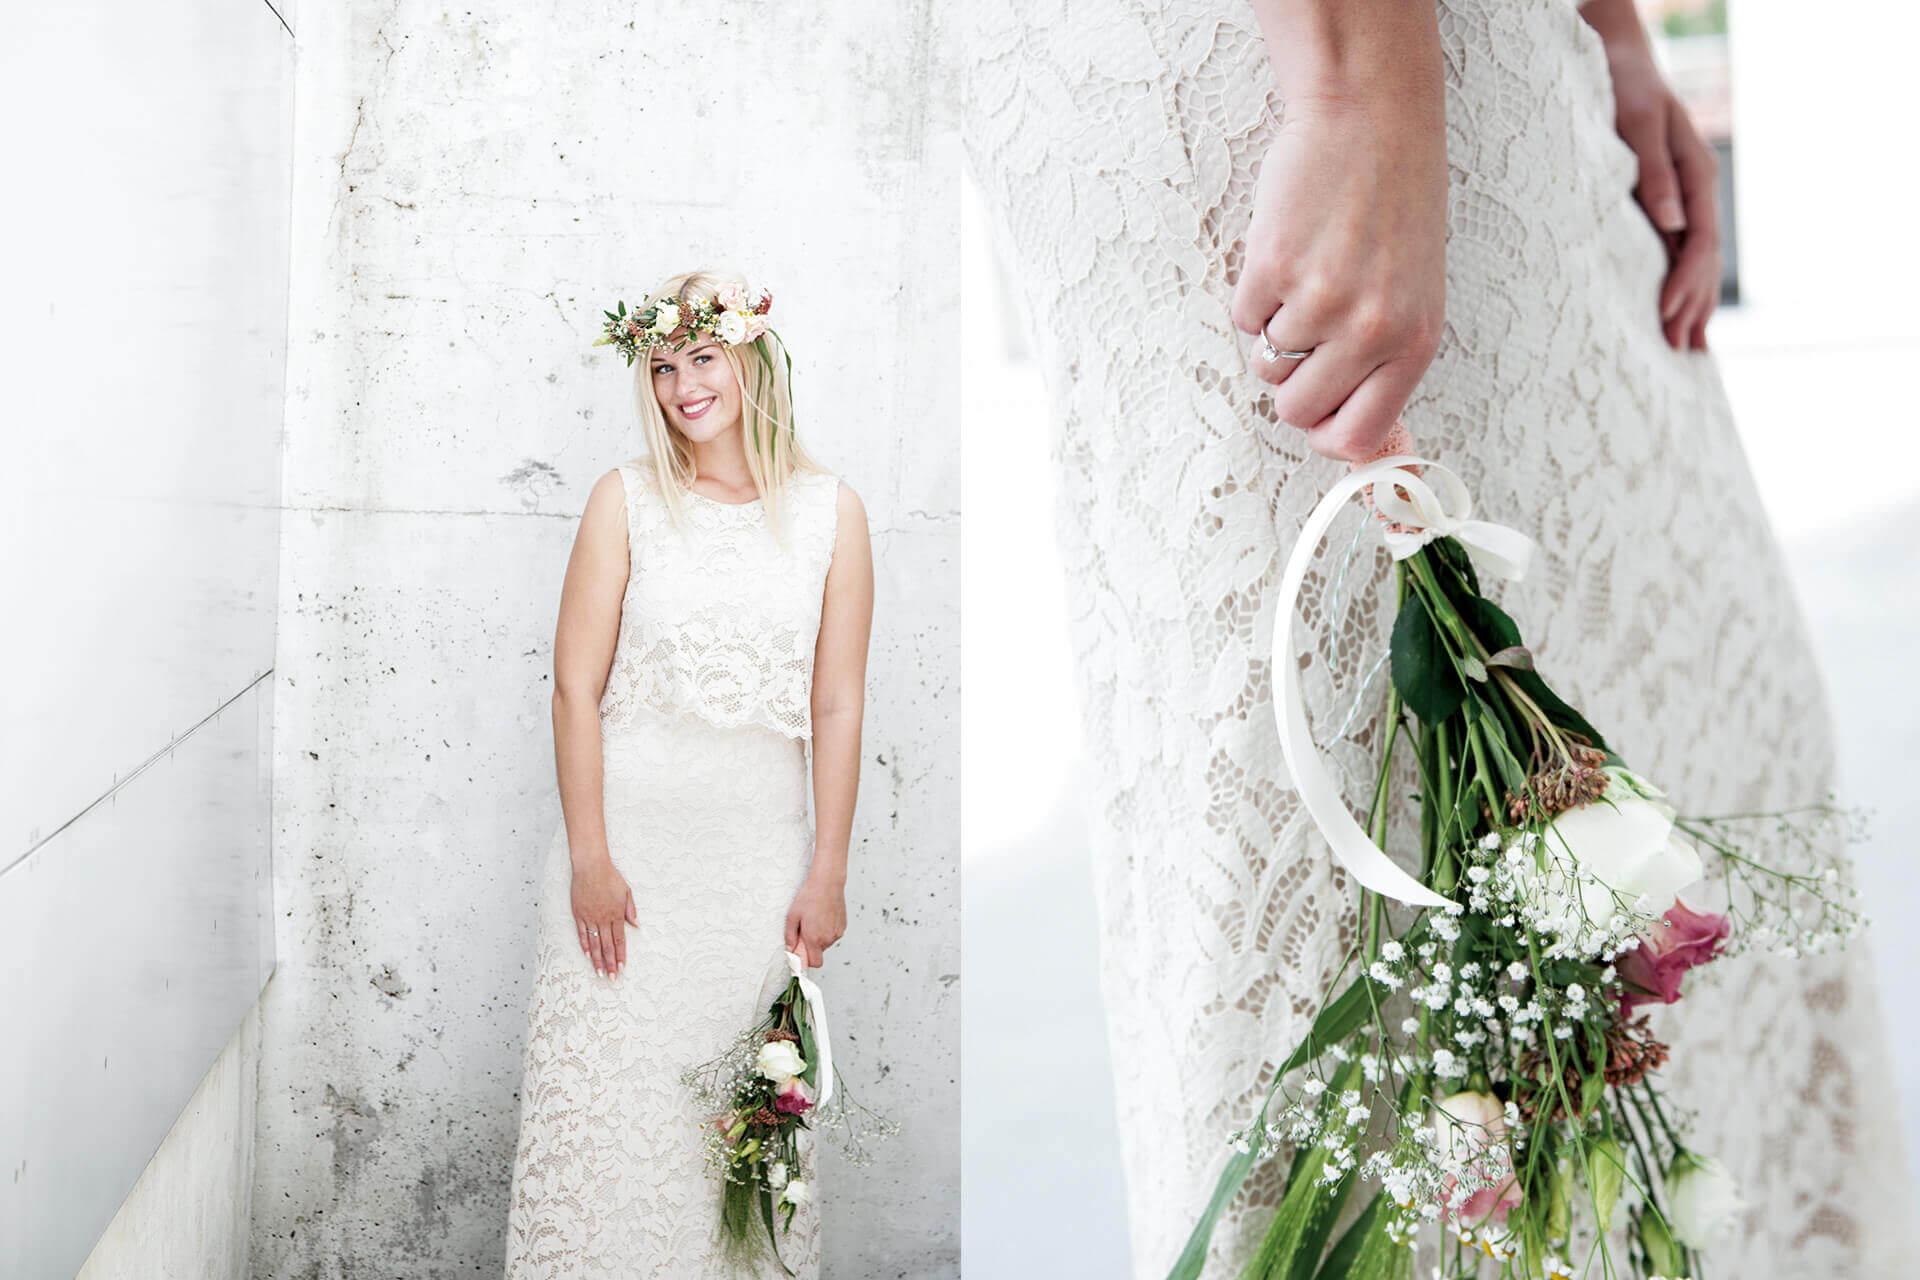 Unsere Eva mit Brautkleid, Blumenstrauß und Blumenkranz auf dem Kopf.